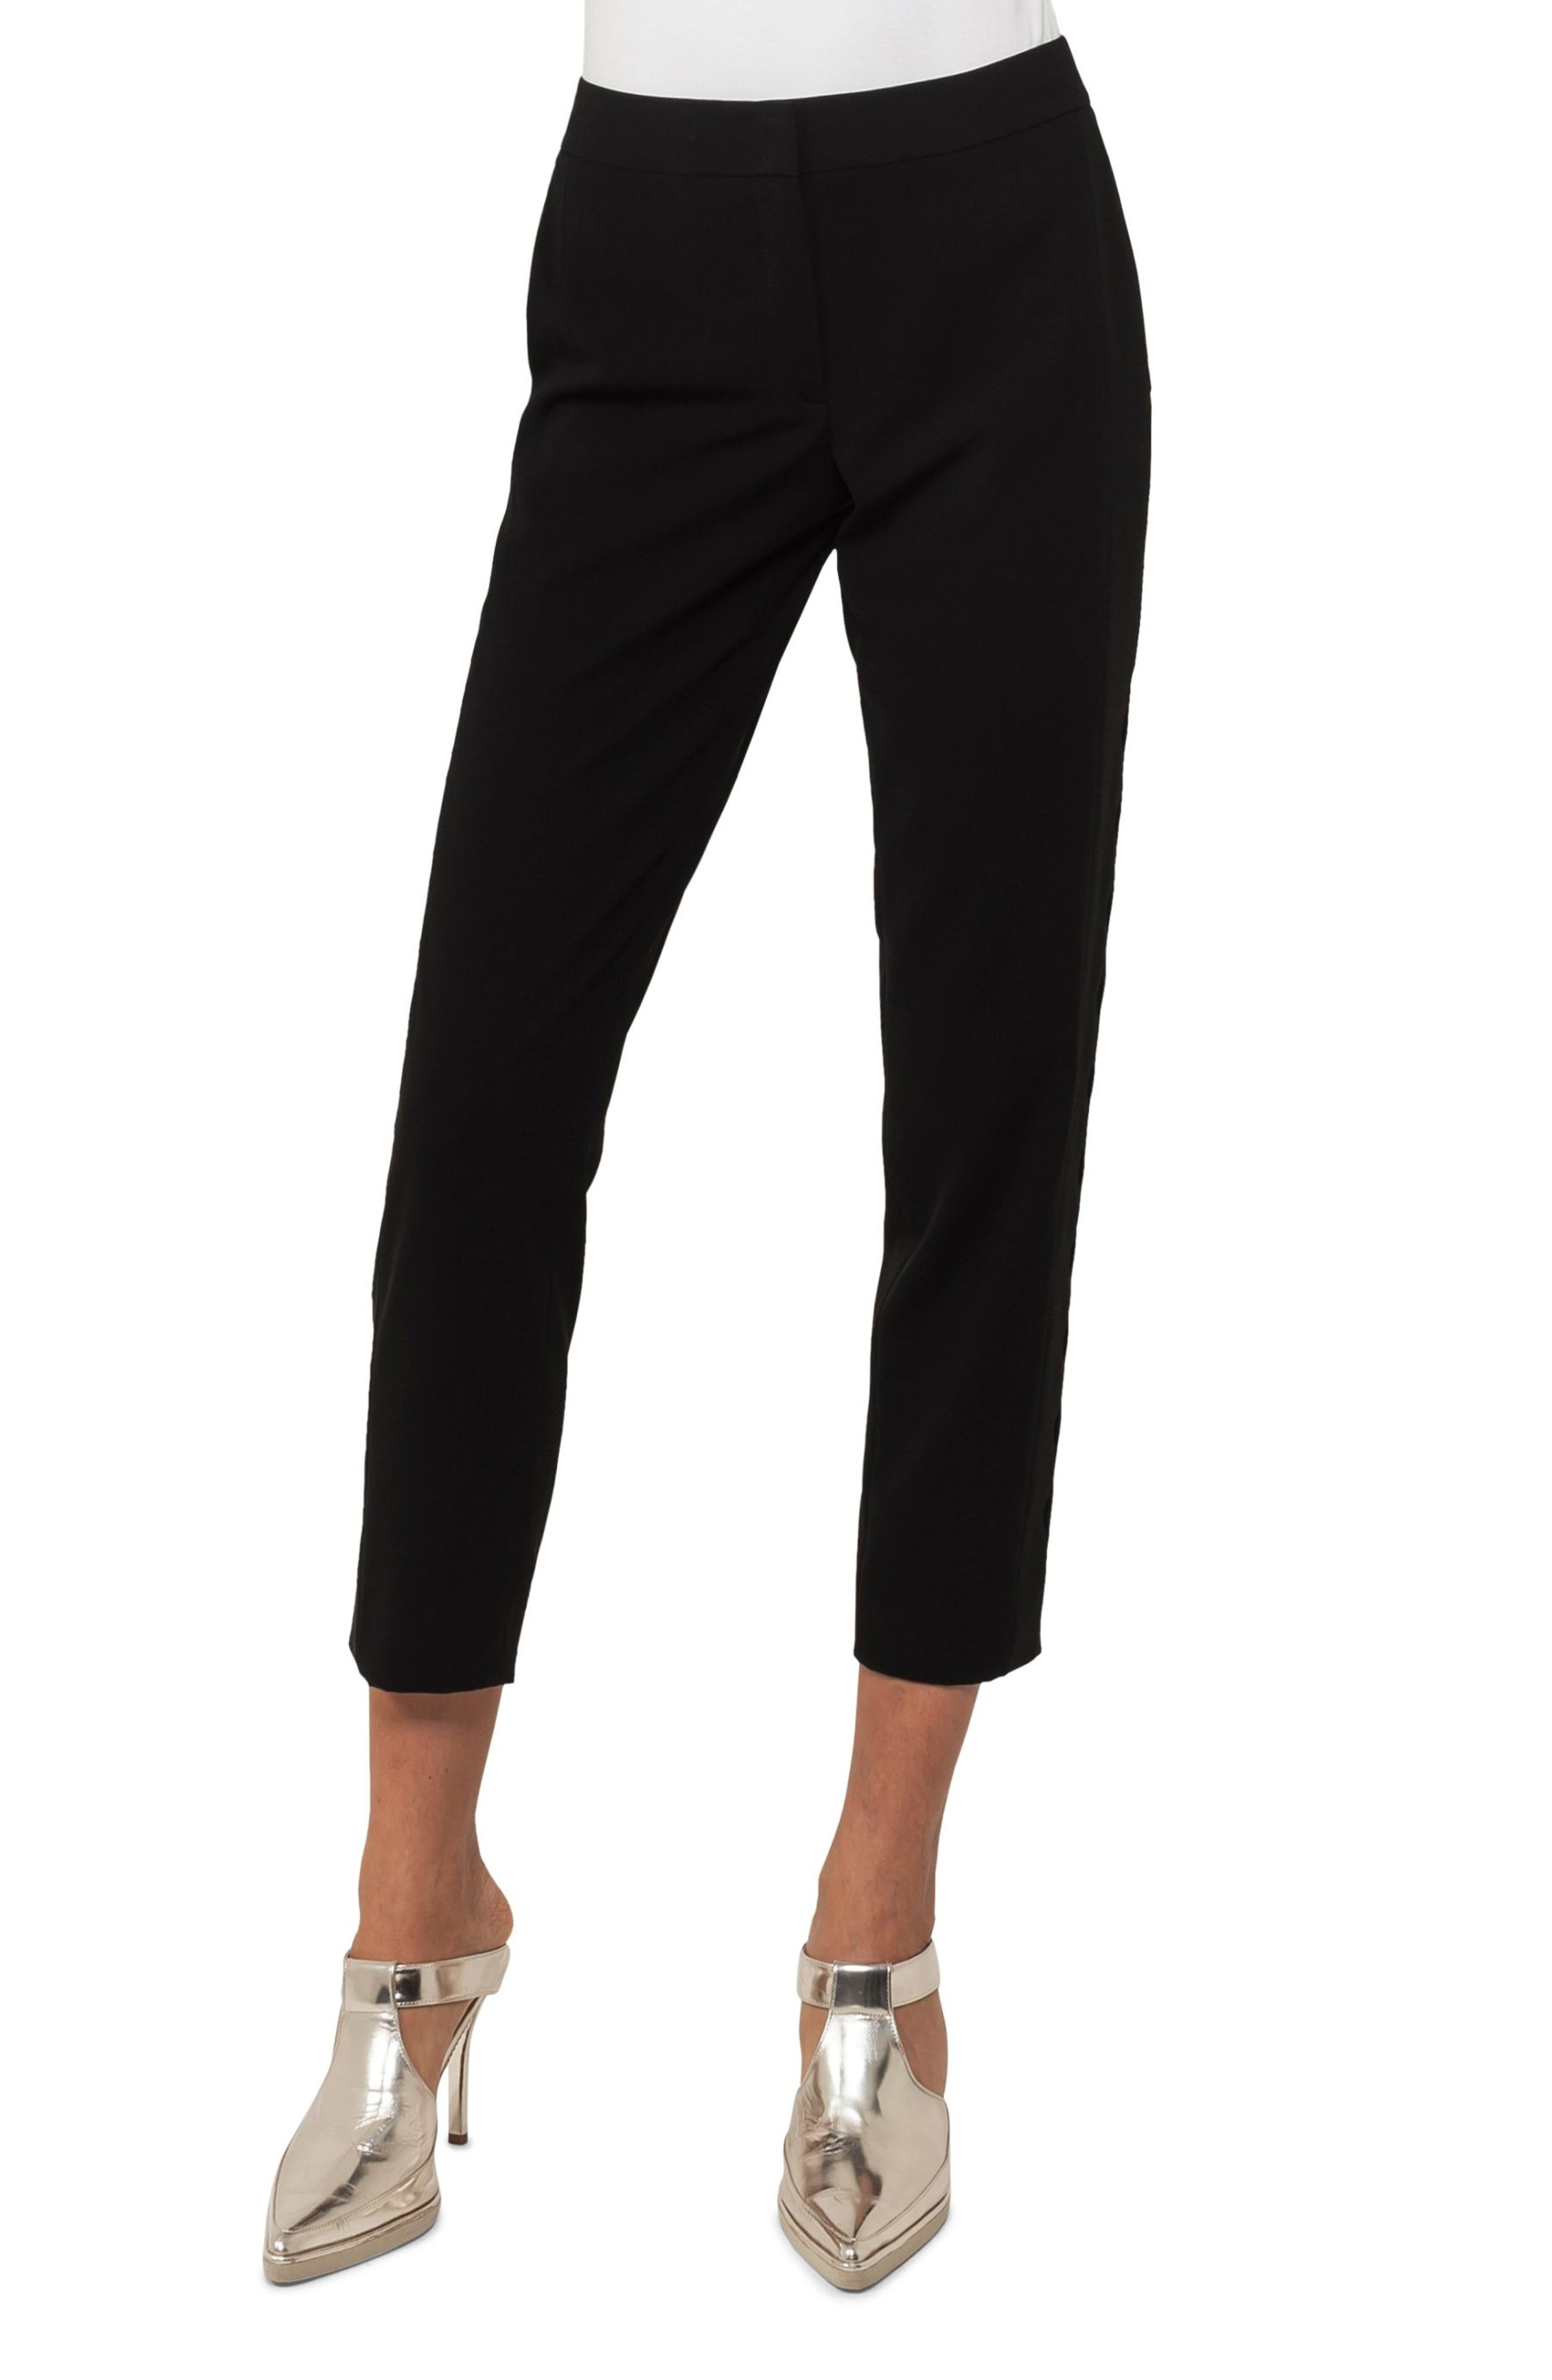 Fayola Semicircle Techno Pants,                         Main,                         color, Black